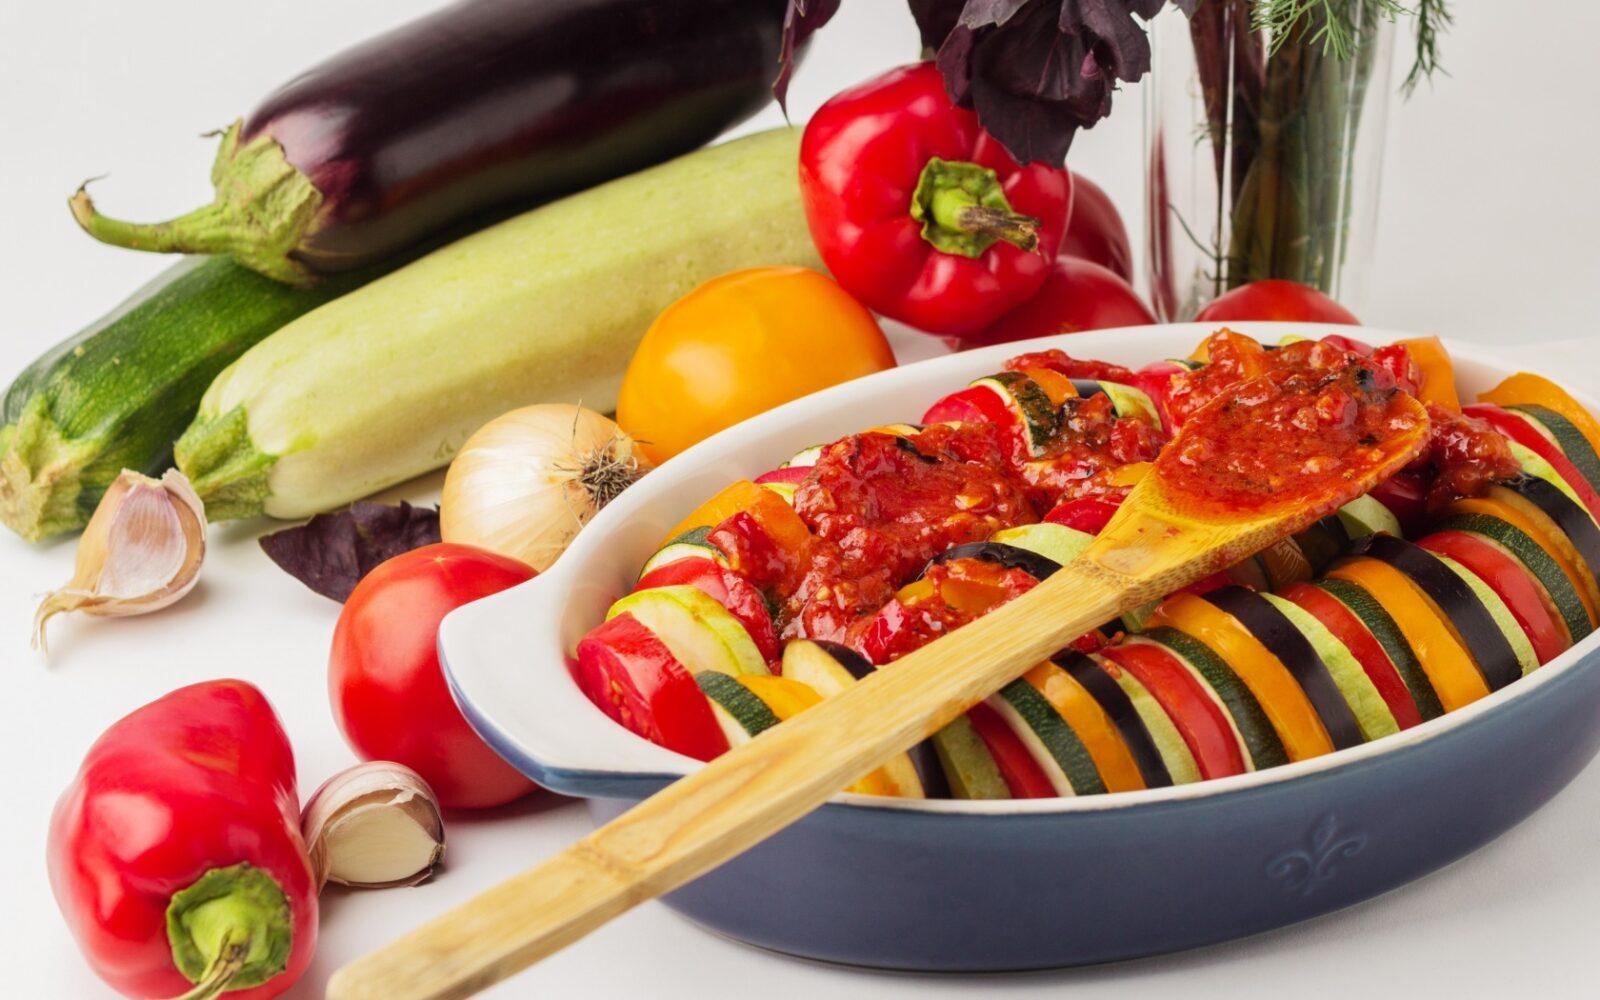 Что лучше есть вечером: идеальные продукты для легкого и полезного ужина